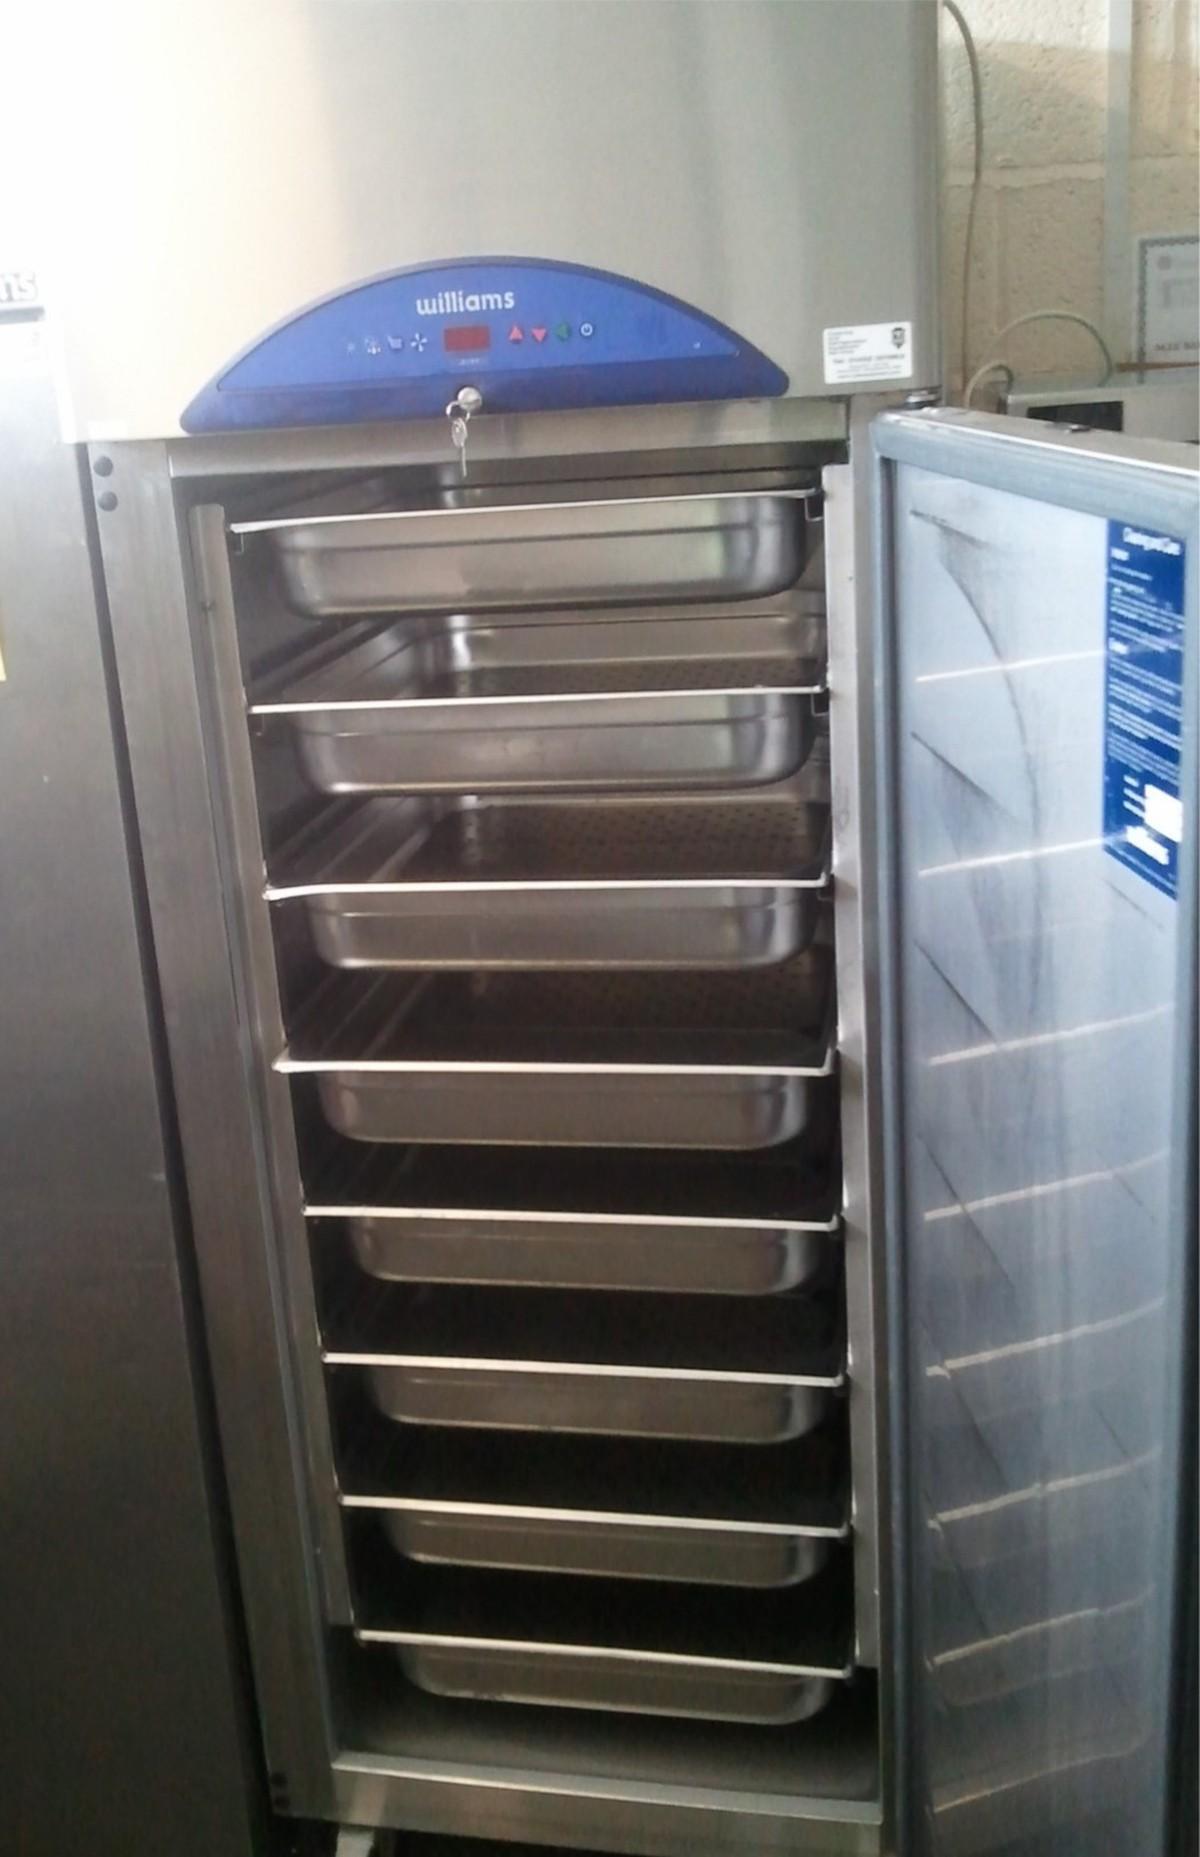 secondhand catering equipment | upright fridges | williams fish